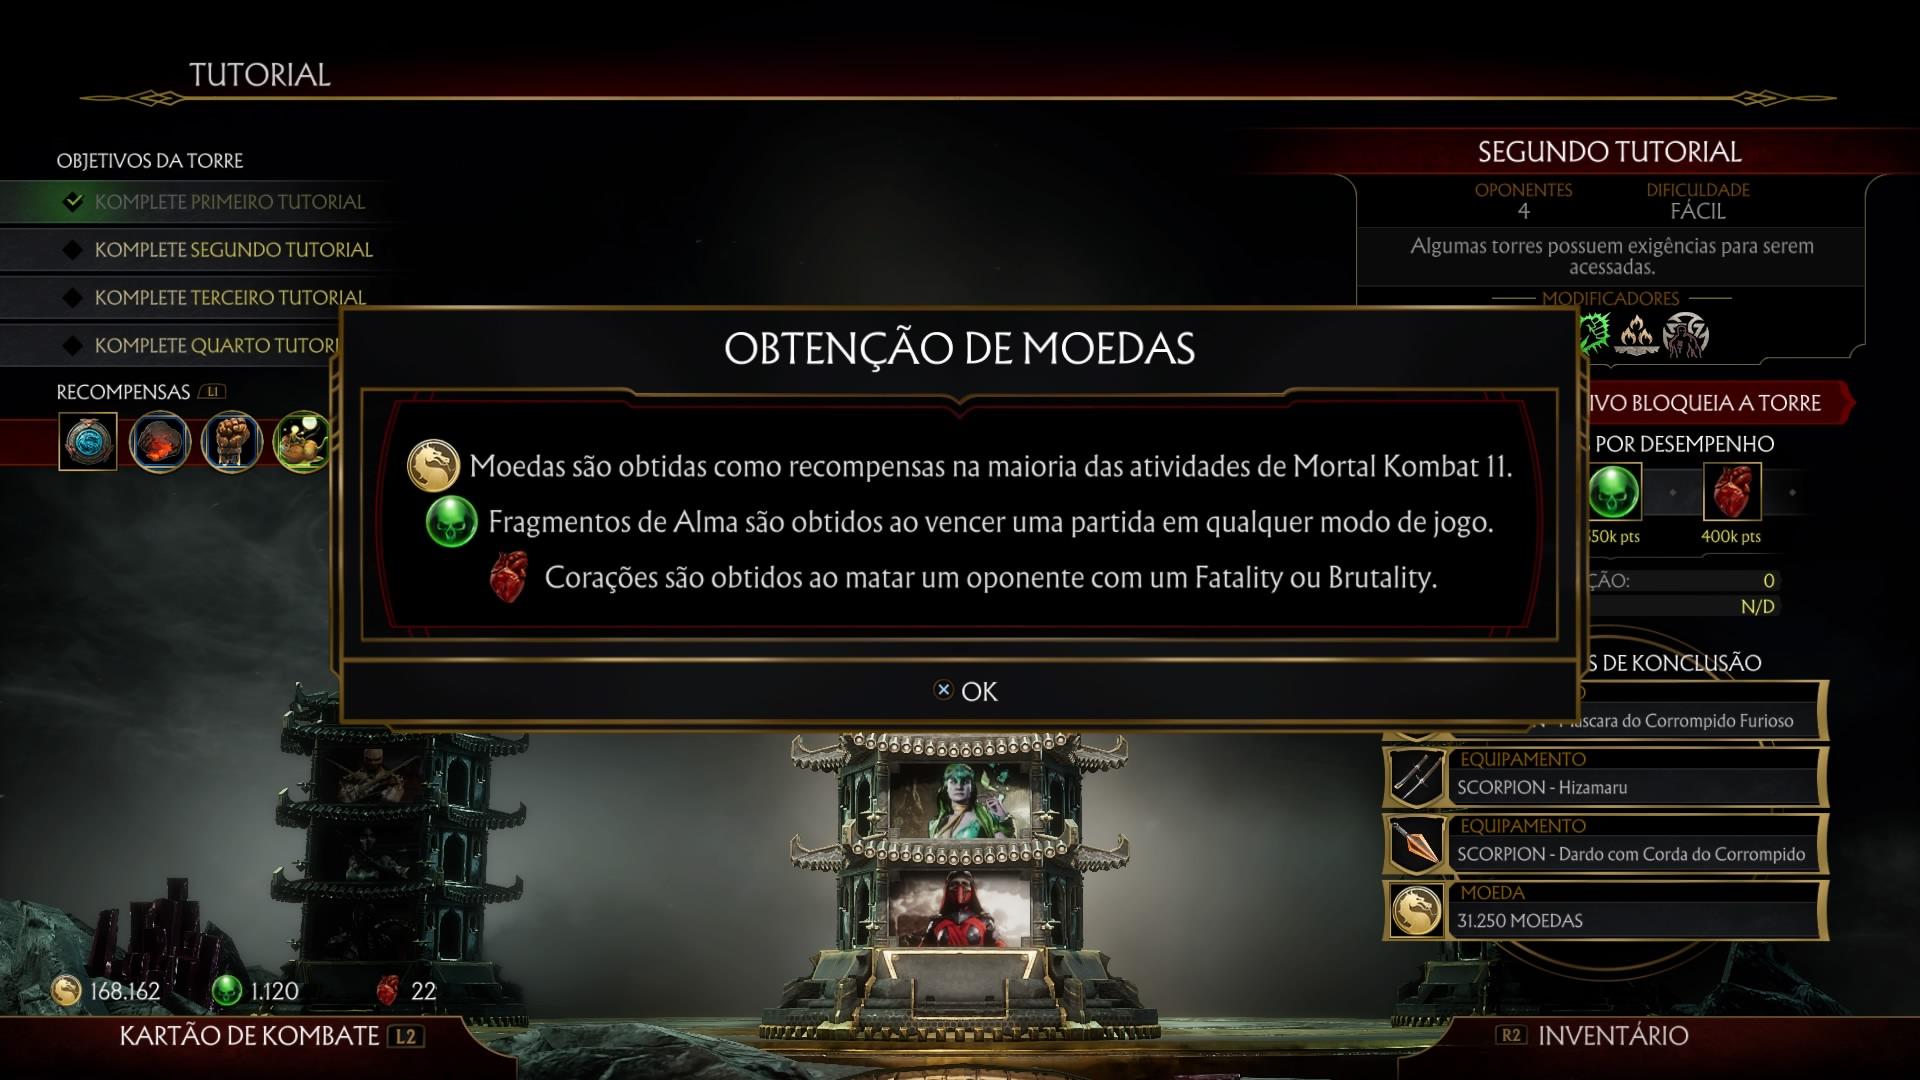 [Análise] Mortal Kombat 11: Vale a Pena 1